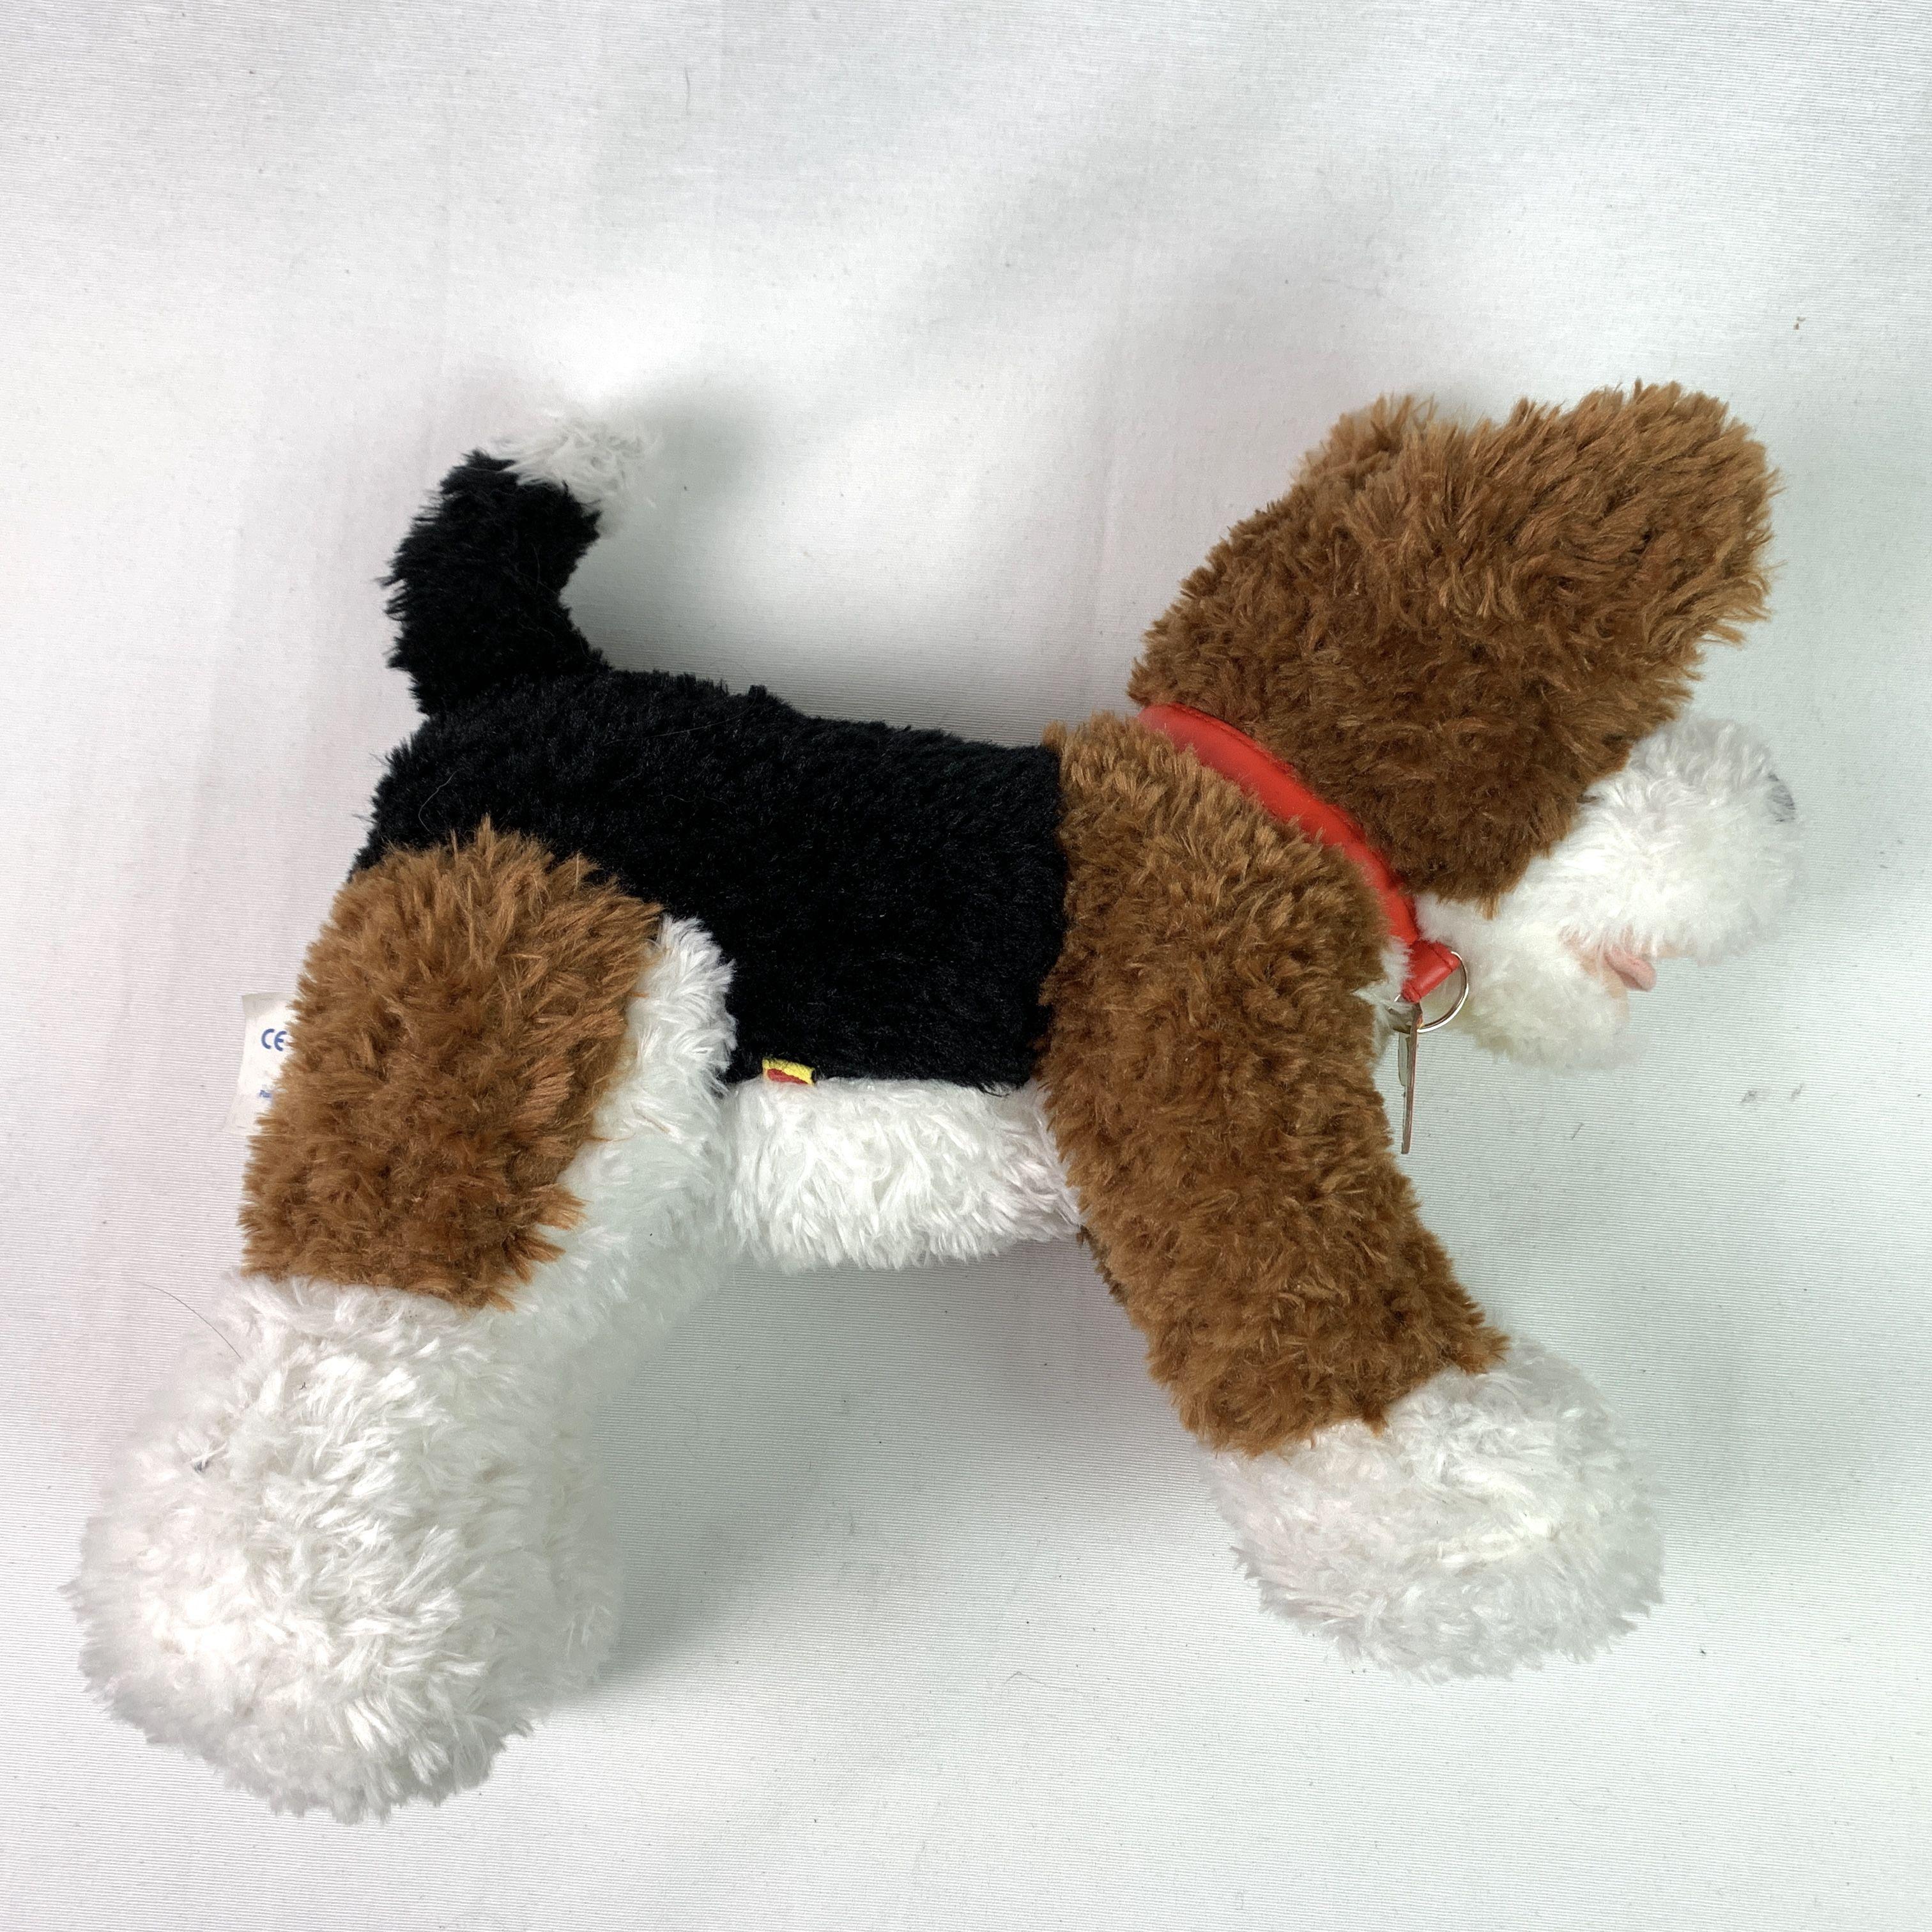 Build A Bear Beagle Dog Plush Fuzzy Brown Black White 13 Inch Red Collar Ebay In 2021 Beagle Dog Plush Beagle Build A Bear [ 3024 x 3024 Pixel ]